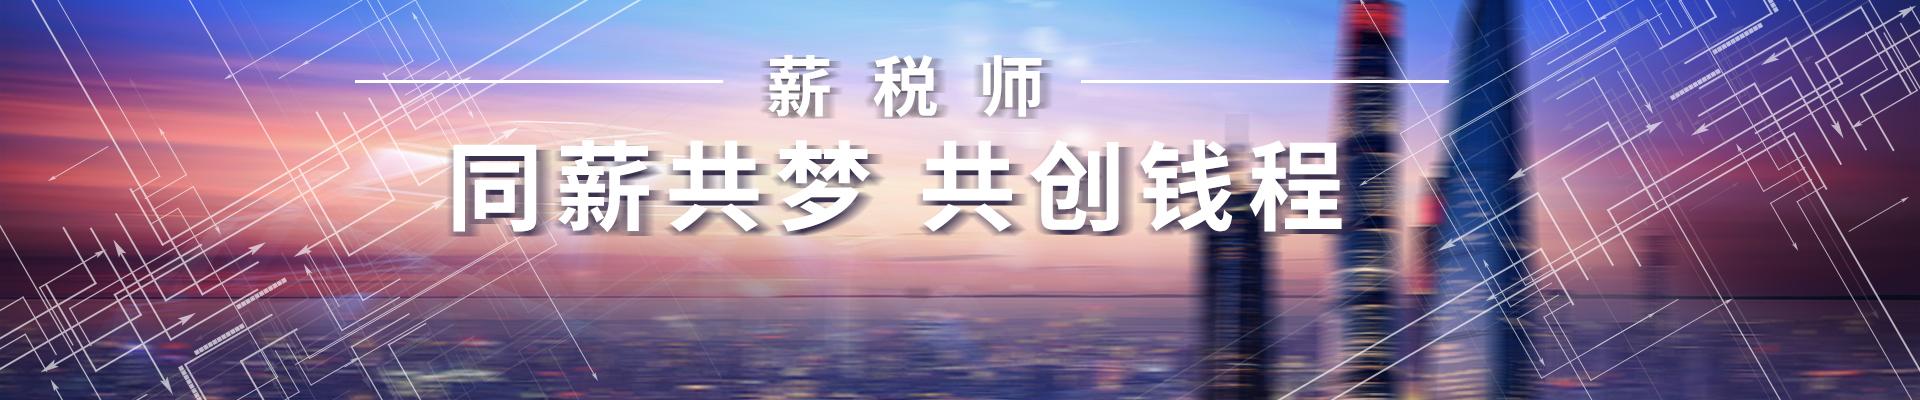 安徽安庆优路教育培训学校